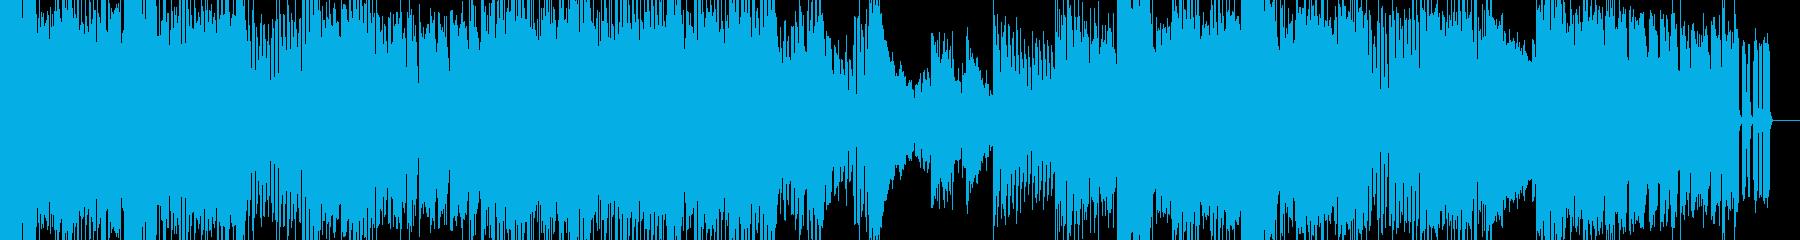 スポーツ向けのスピード感のある曲の再生済みの波形